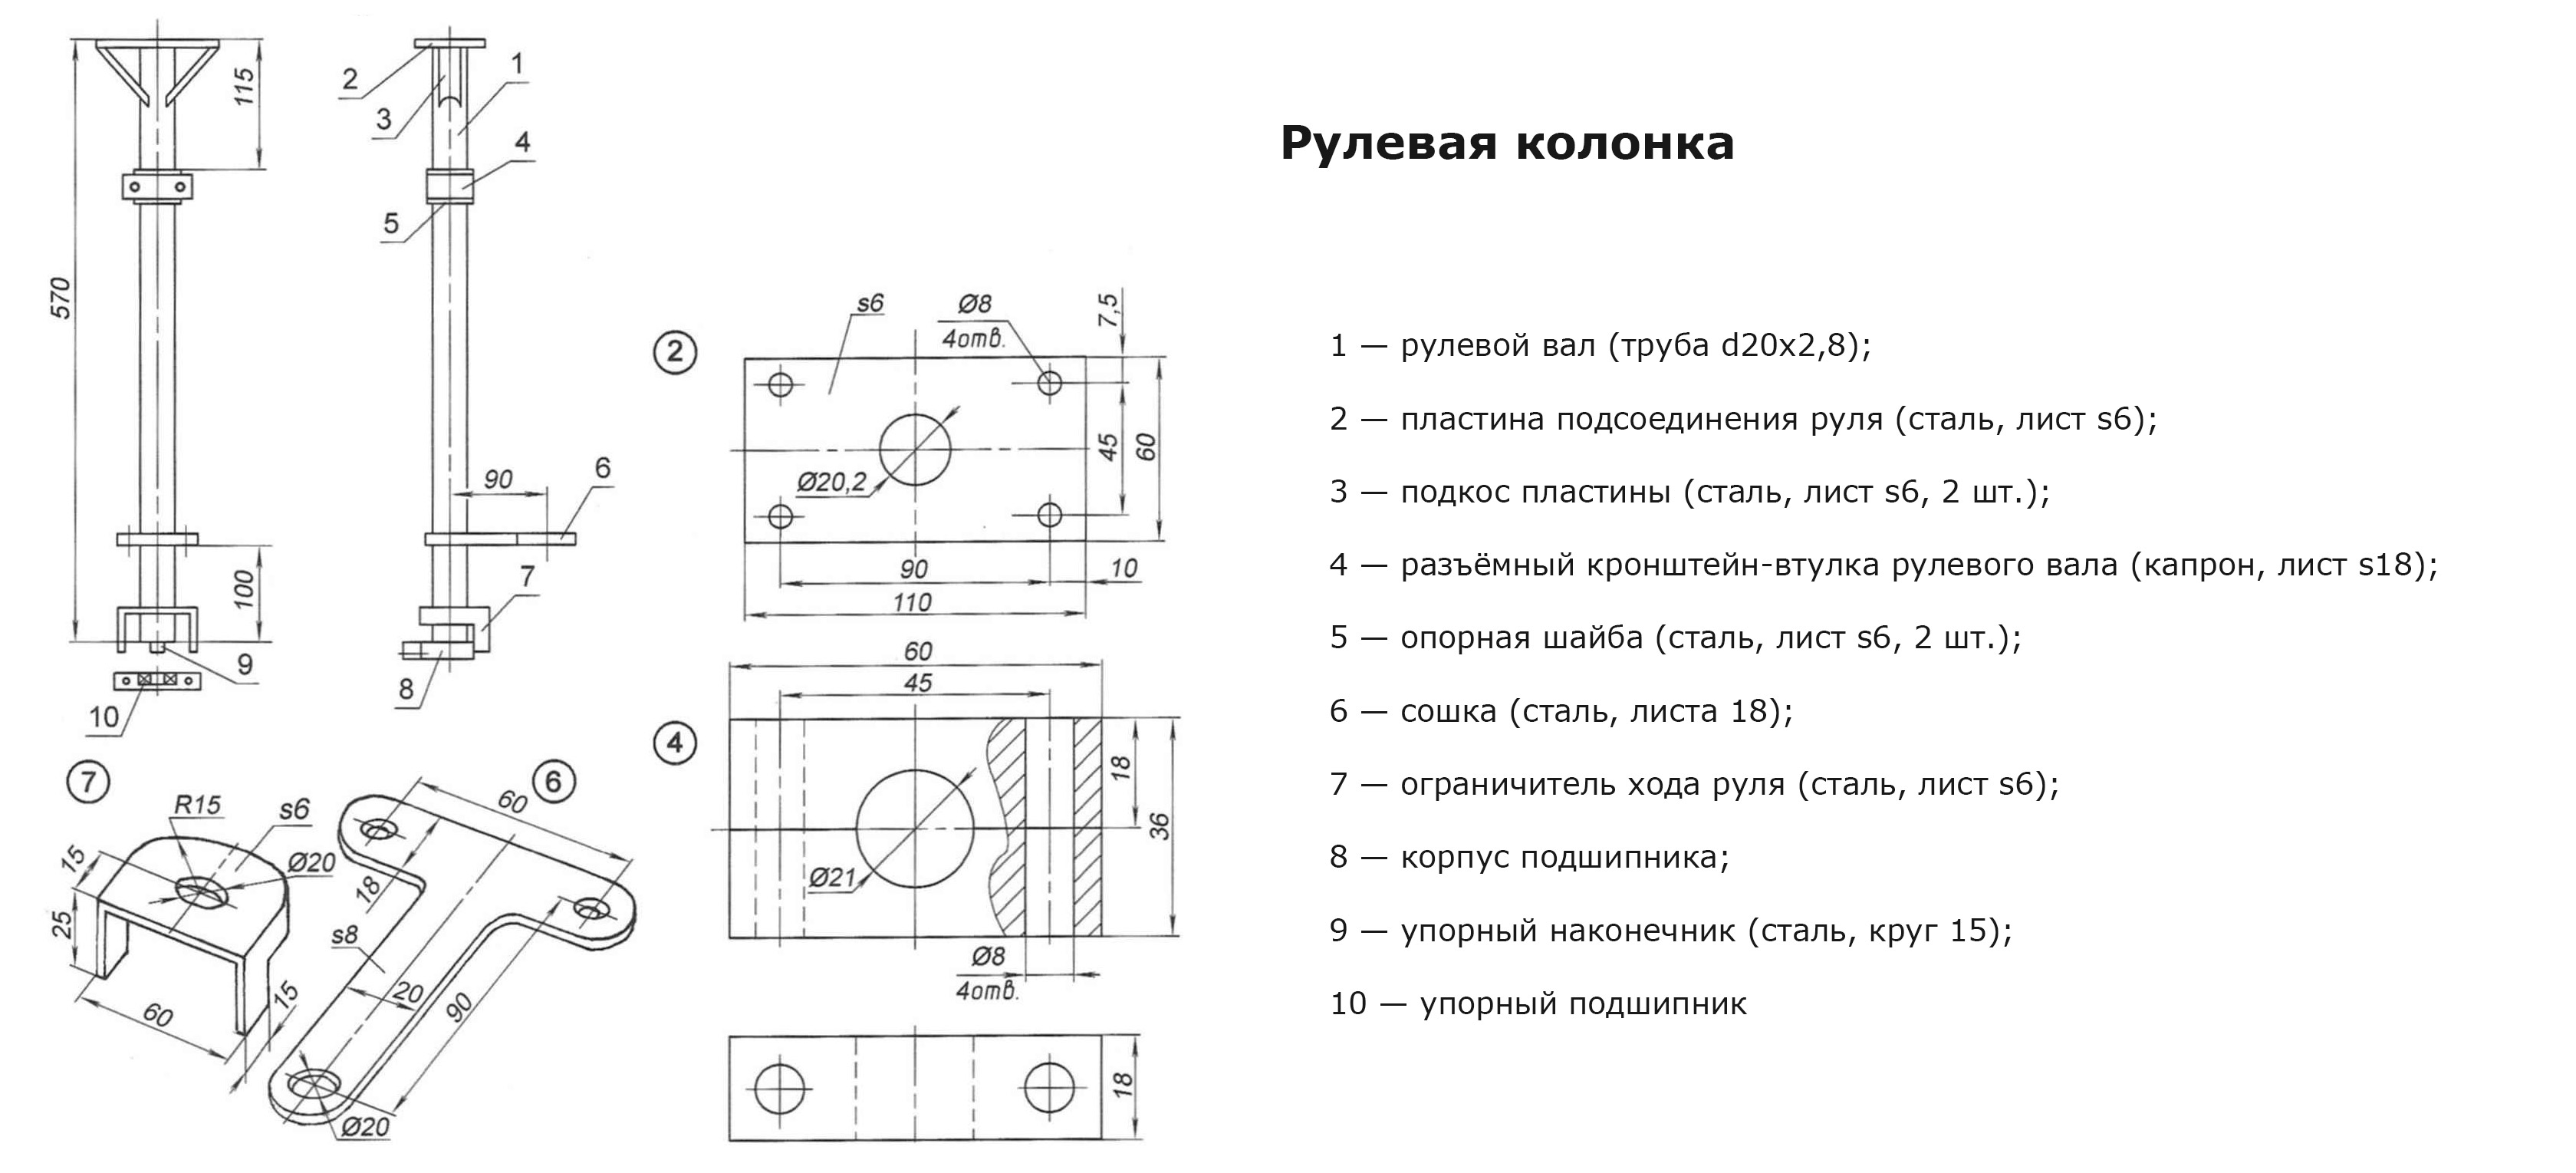 Квадроциклы 4х4 своими руками чертежи 462